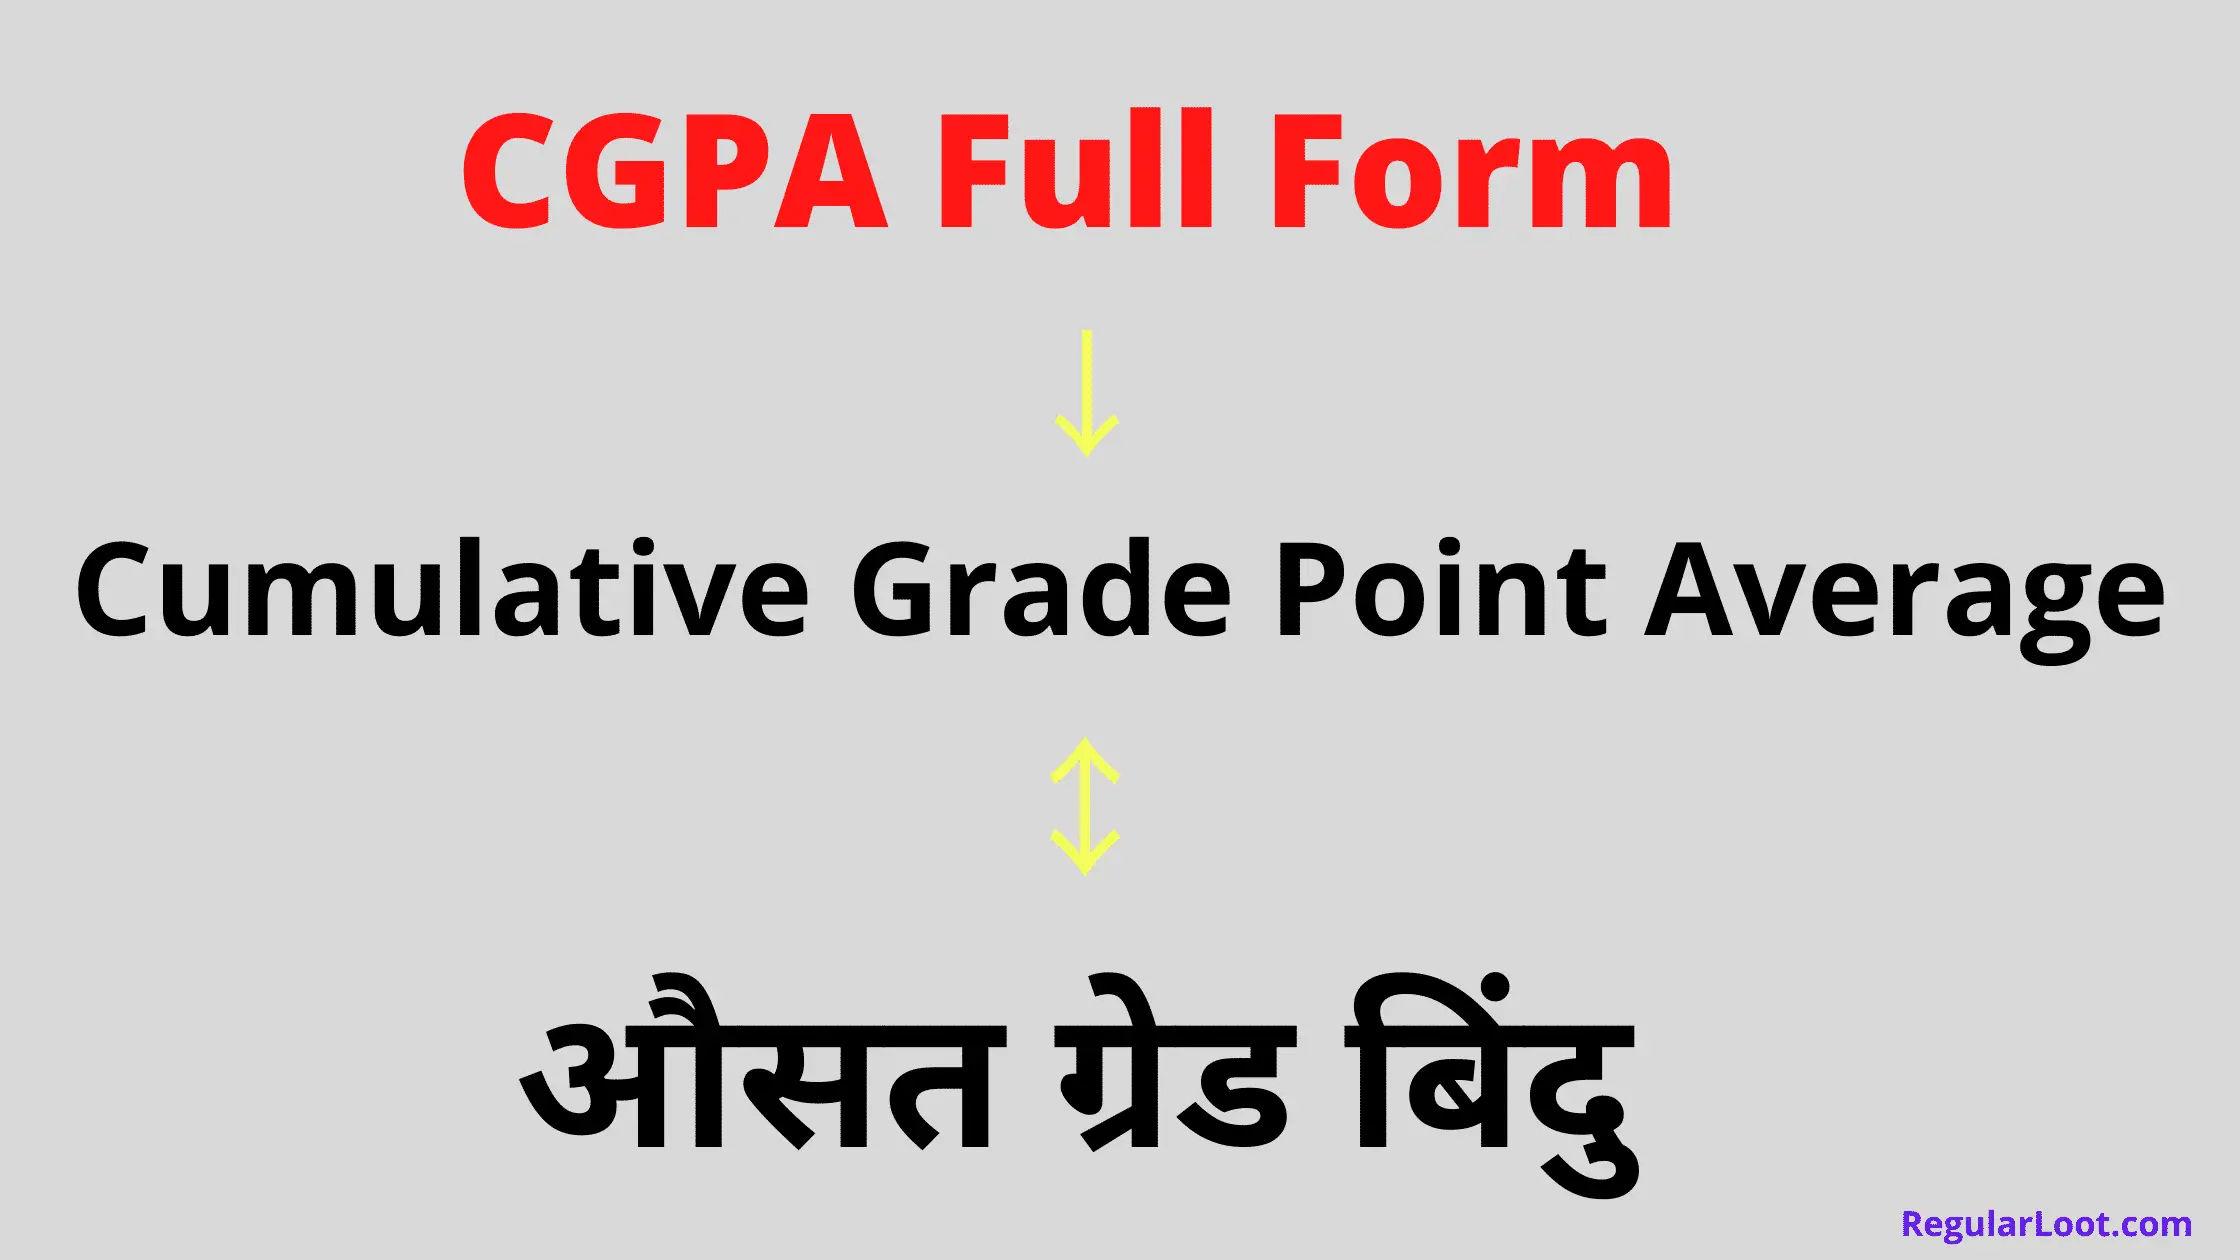 CGPA Full Form In Hindi